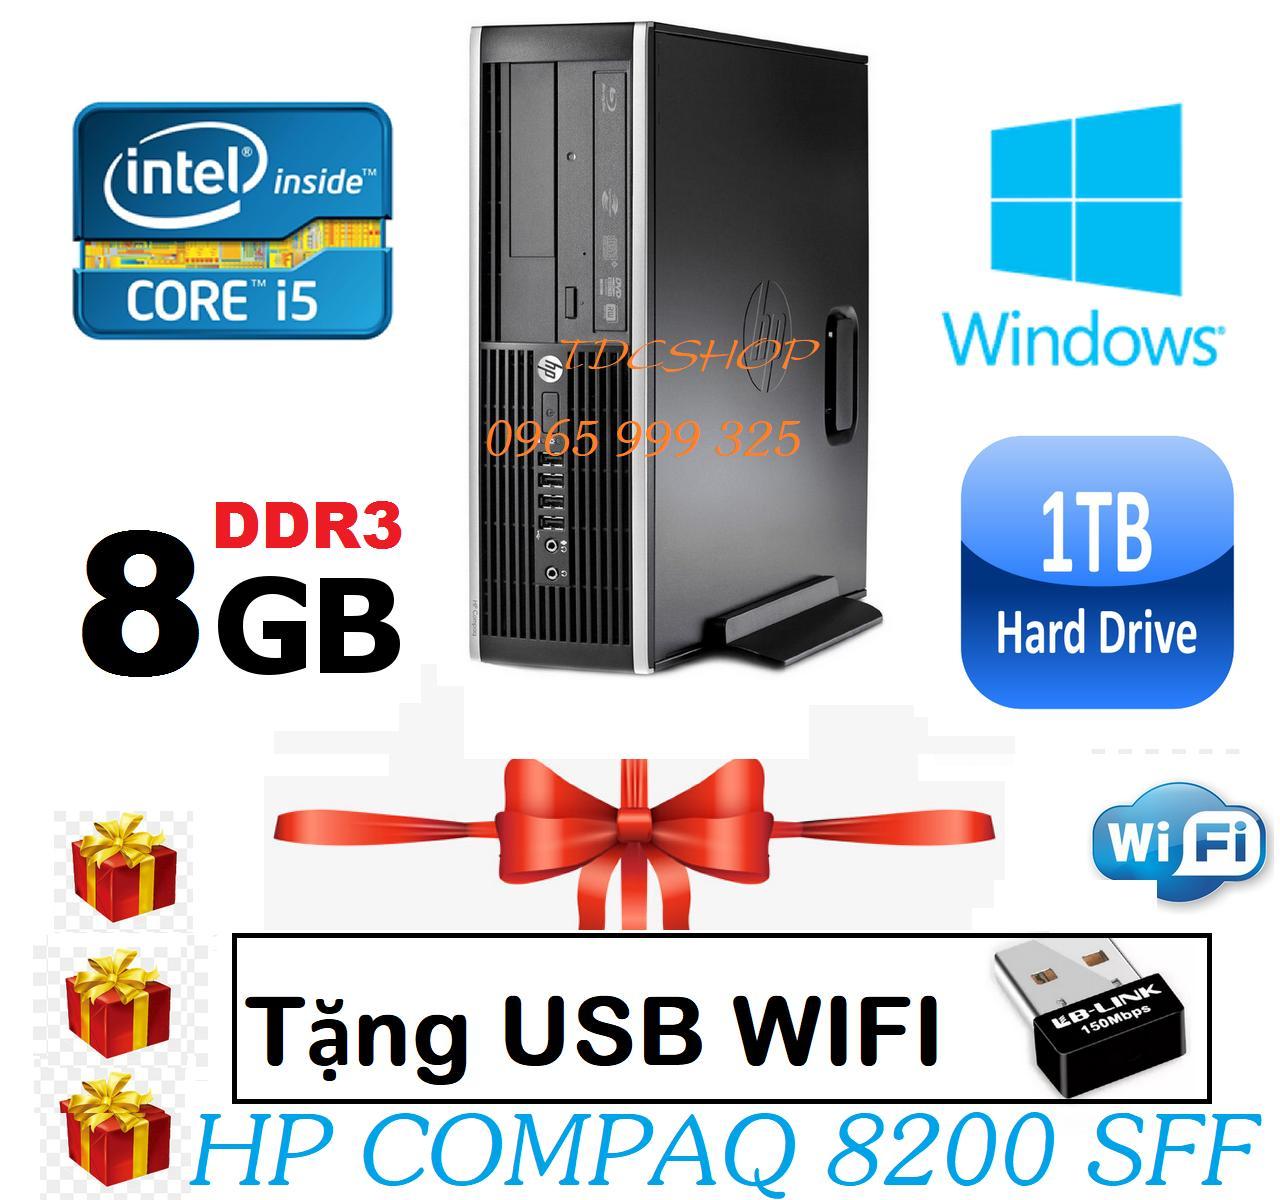 Thùng CPU HP 8200 Core i5 2400/ Ram 8gb/ Hdd 1000gb, Tặng usb wifi, Bảo hành 1 đổi 1 trong 24 tháng - Hàng Nhập Khẩu.